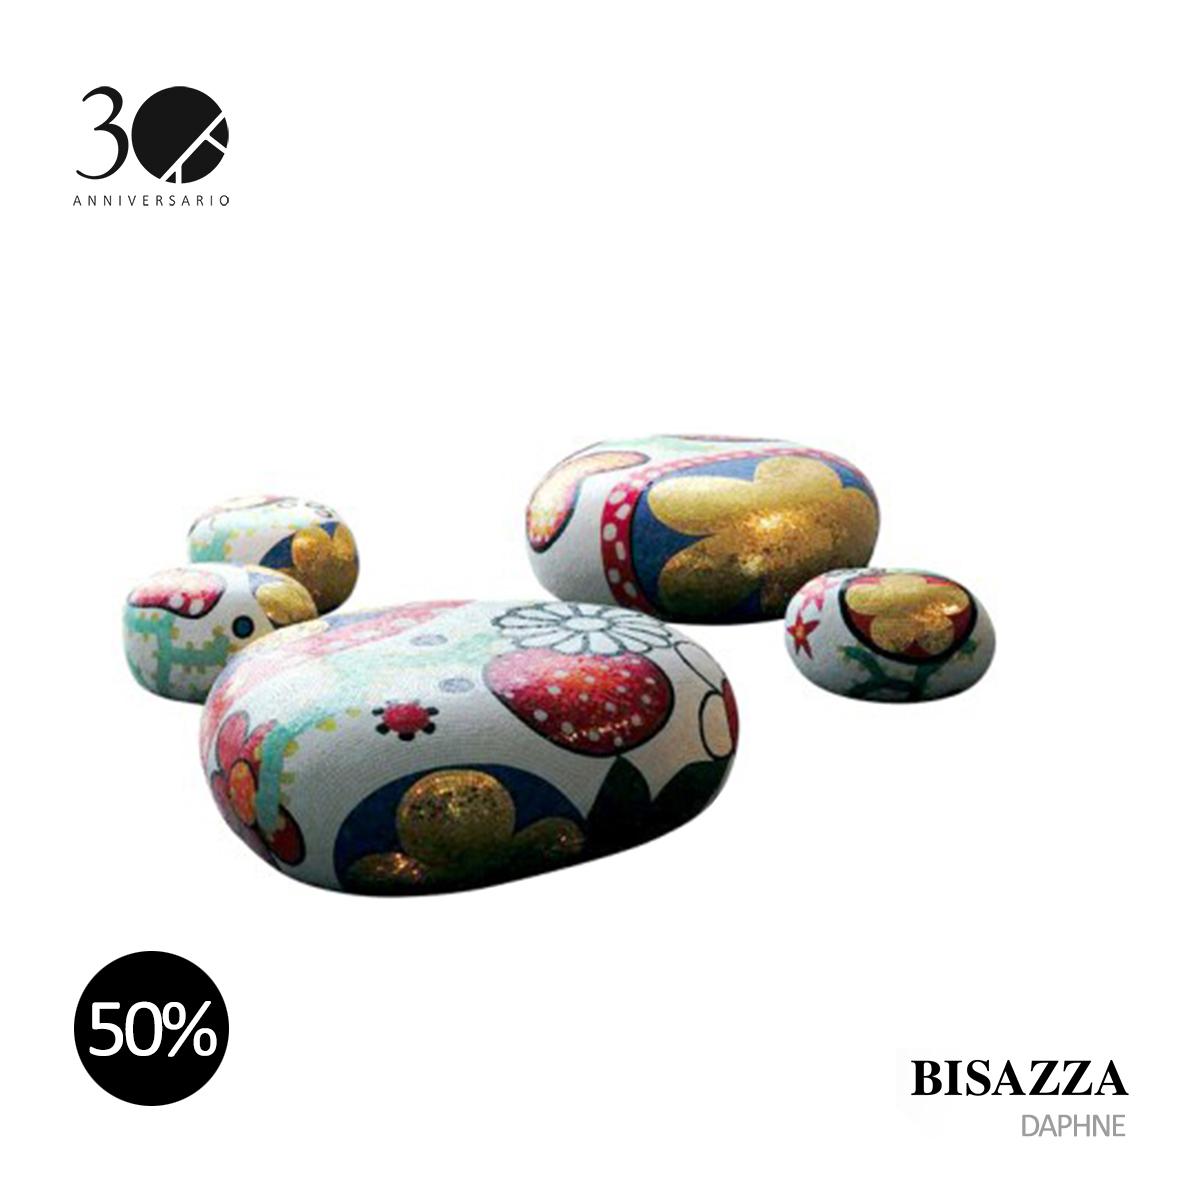 BISAZZA - DAPHNE